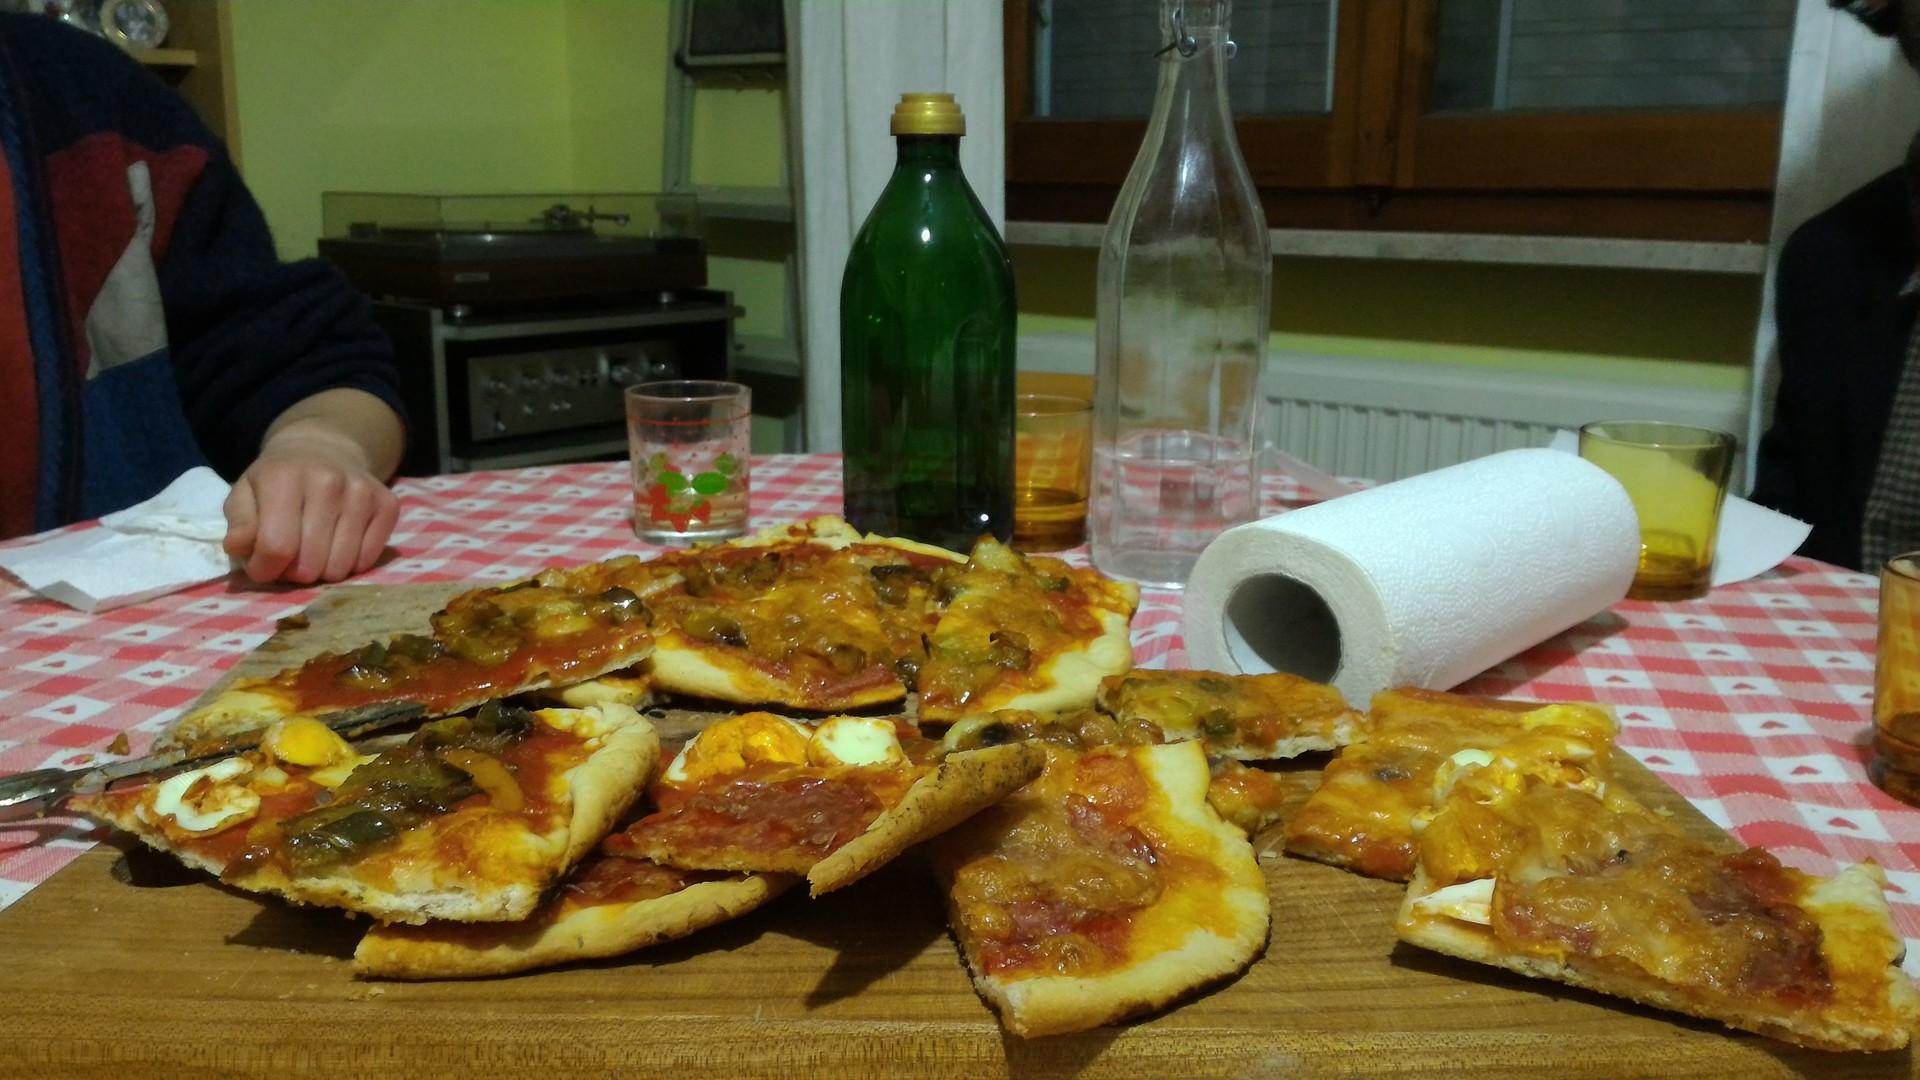 home-pizza-68af9d464766005b341d6aa142a03